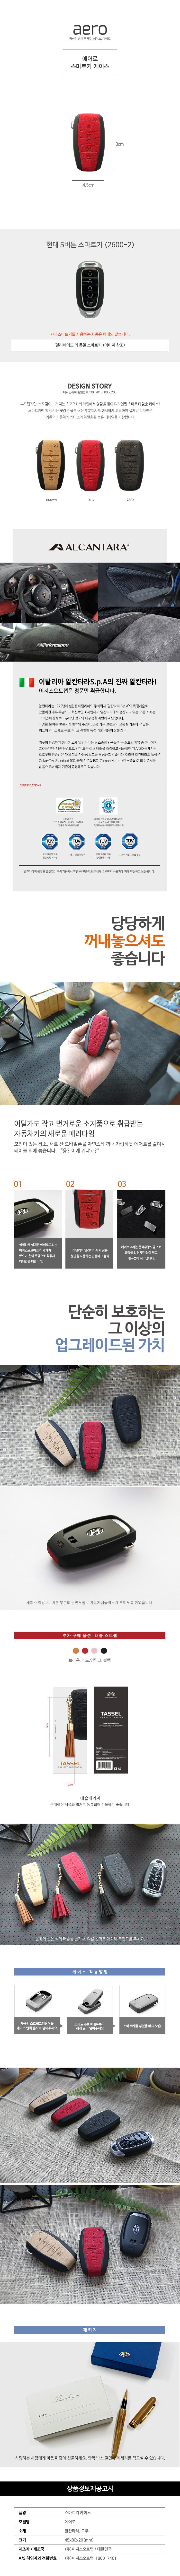 에어로 자동차키홀더 팰리세이드 스마트 키케이스 - 이지스, 32,000원, 카인테리어, 키홀더/키케이스